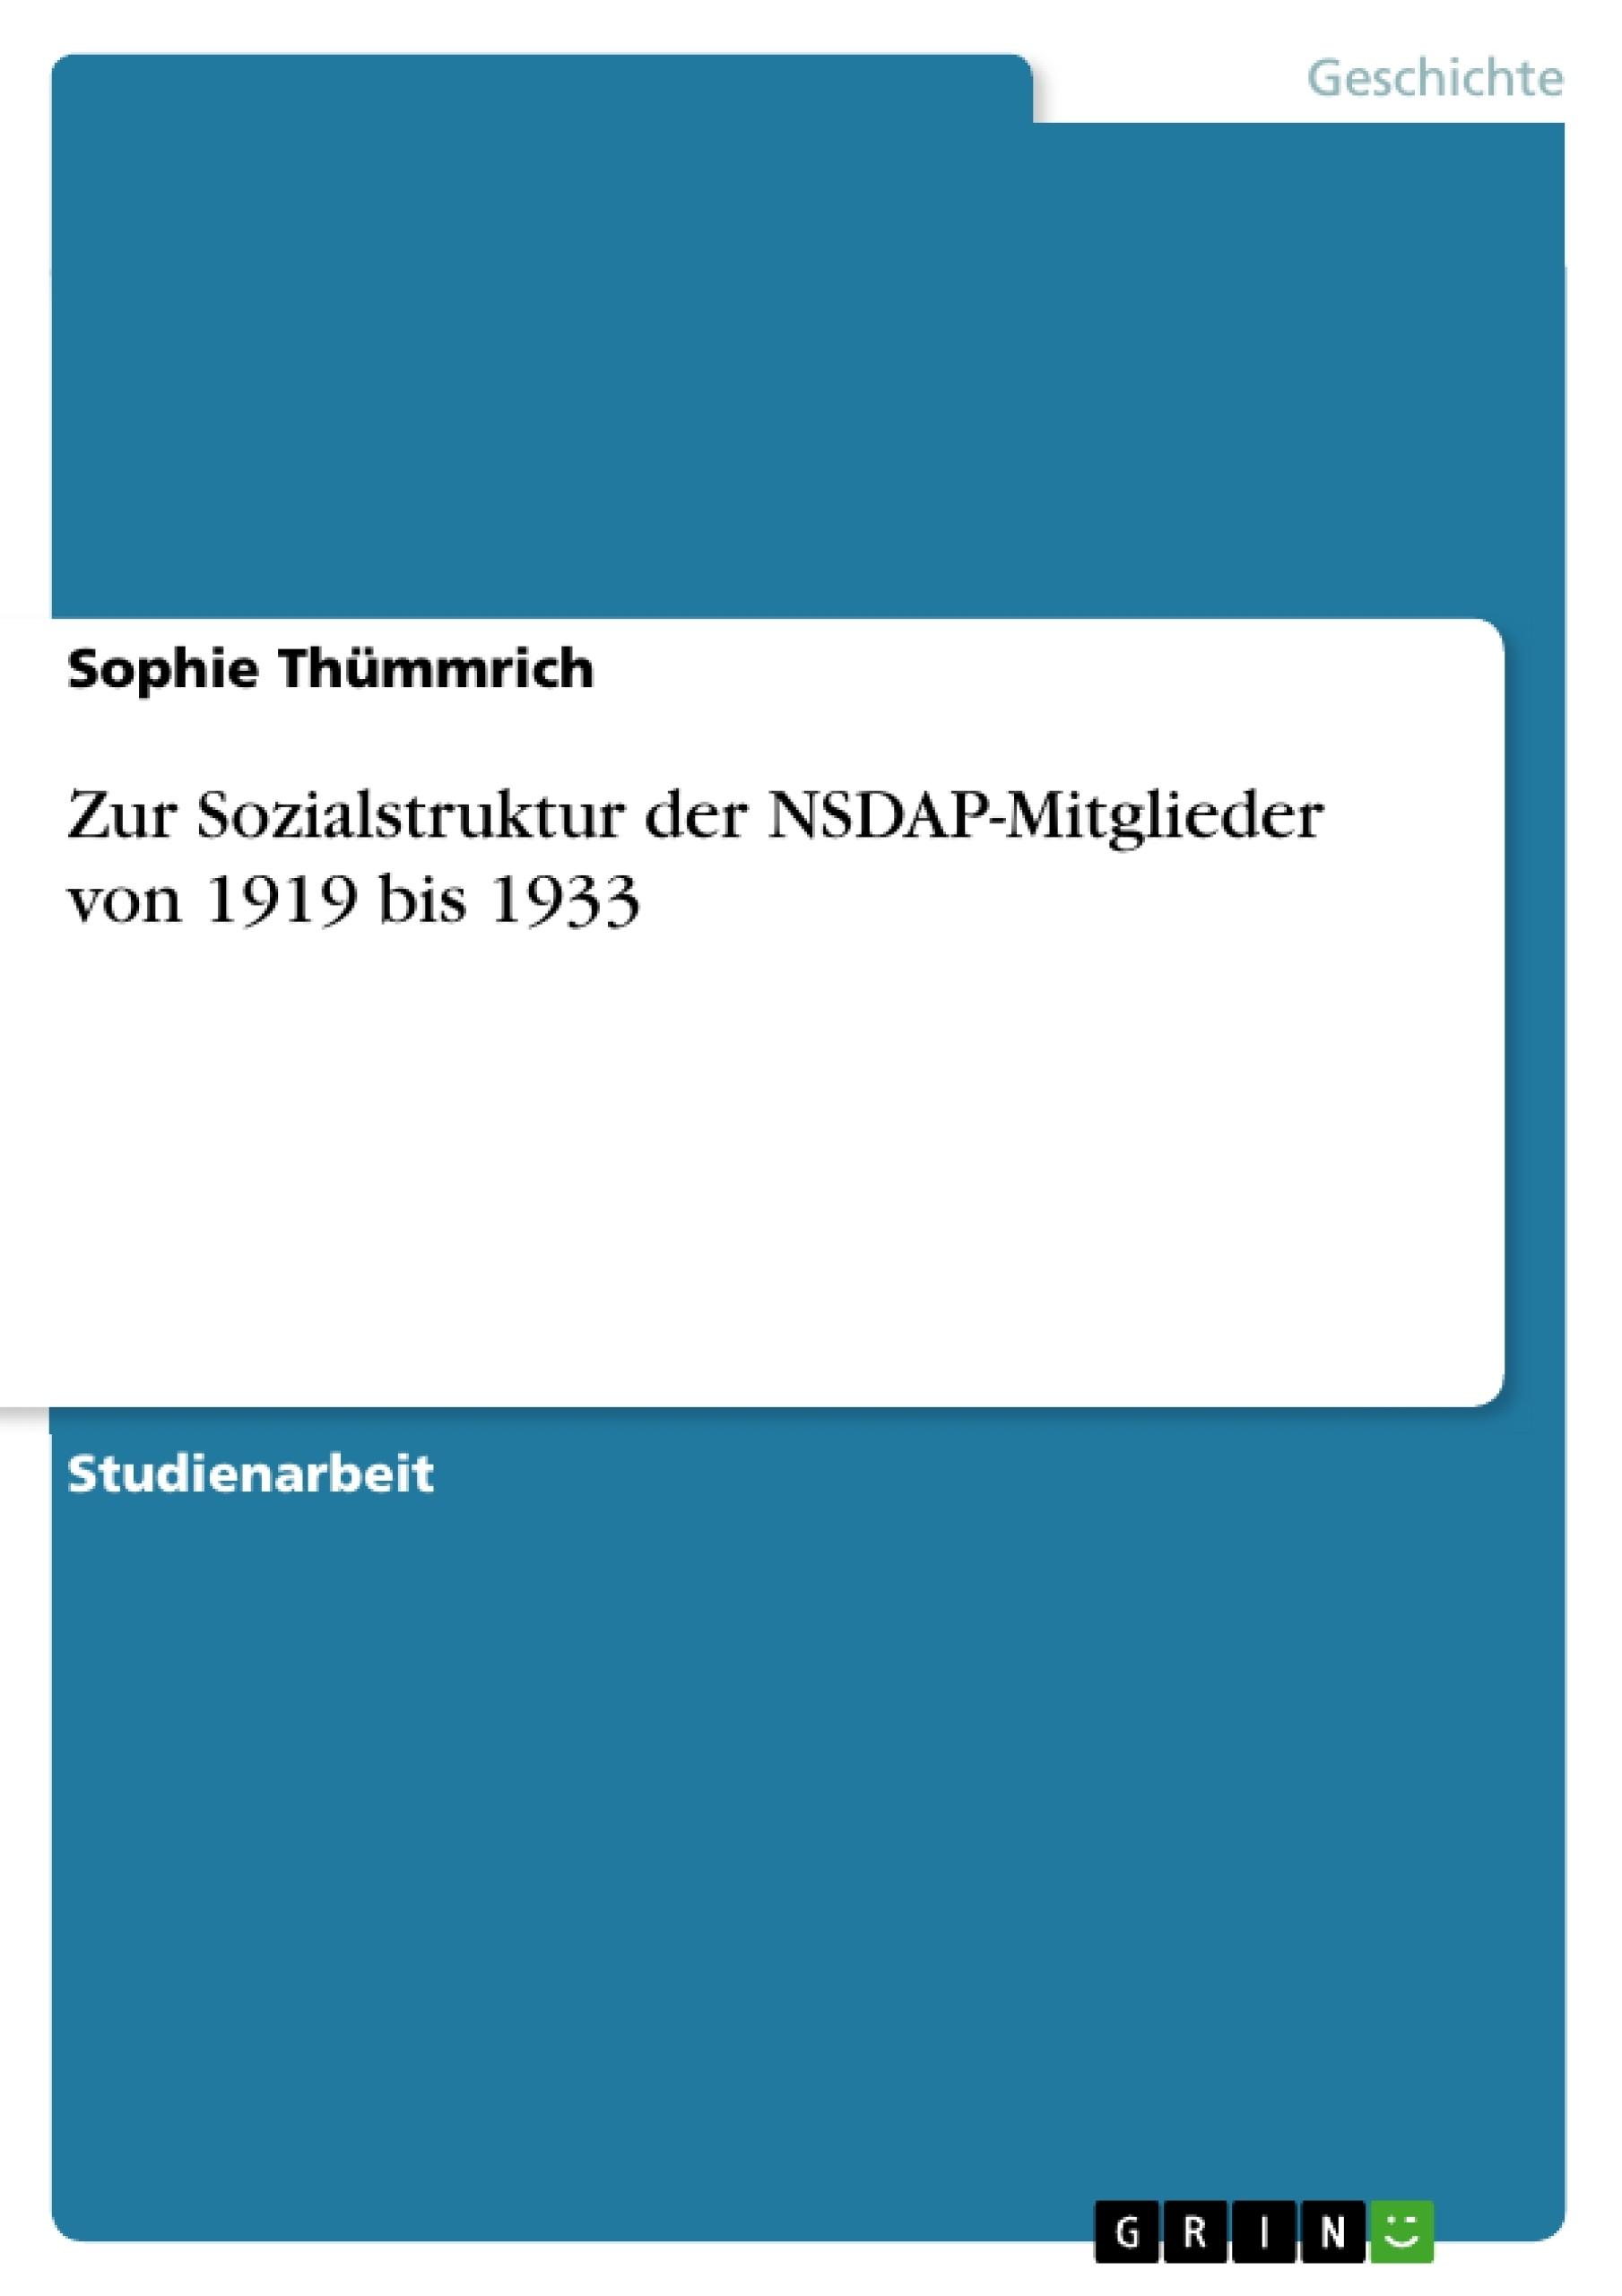 Titel: Zur Sozialstruktur der NSDAP-Mitglieder von 1919 bis 1933